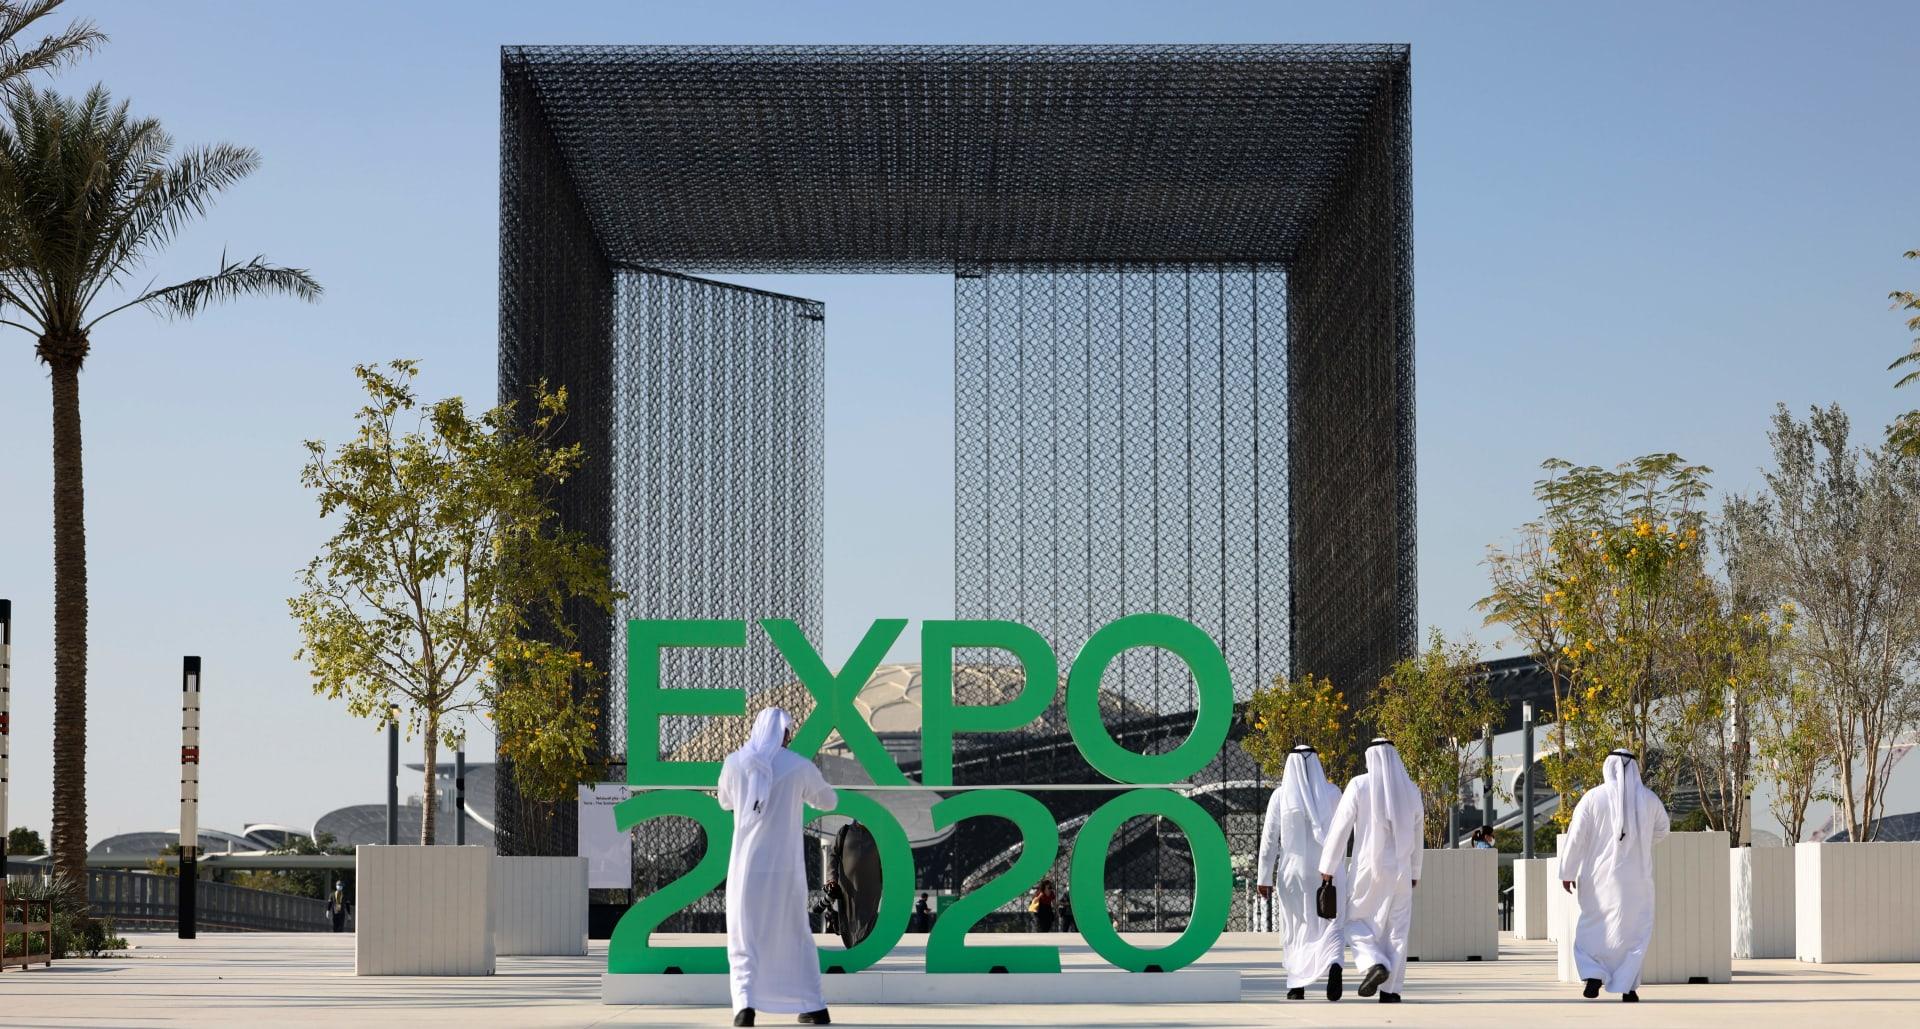 شاهد فيديو بتقنية الفاصل الزمني لمعرض إكسبو 2020 من سماء دبي